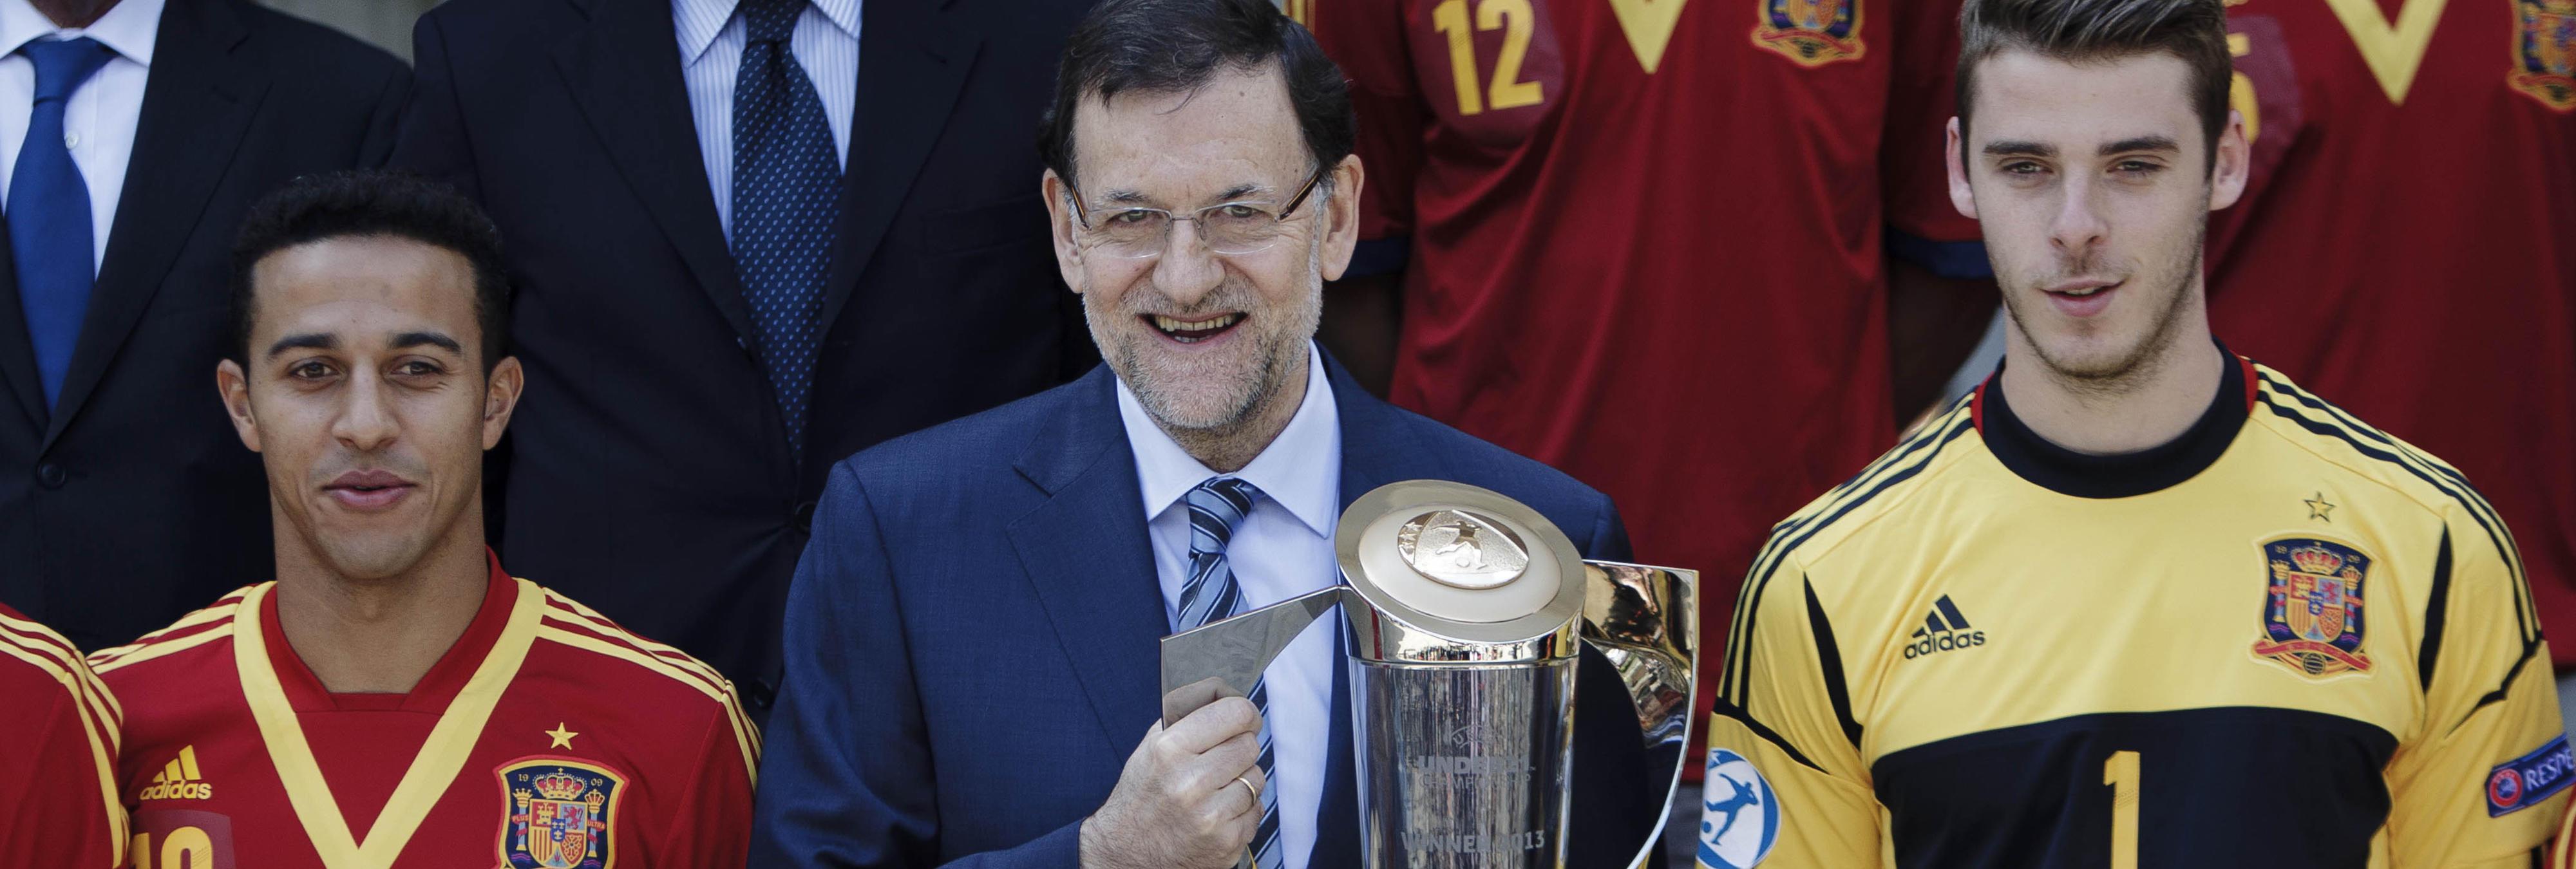 Rajoy le da un collejón a su hijo en directo por ponerle en evidencia